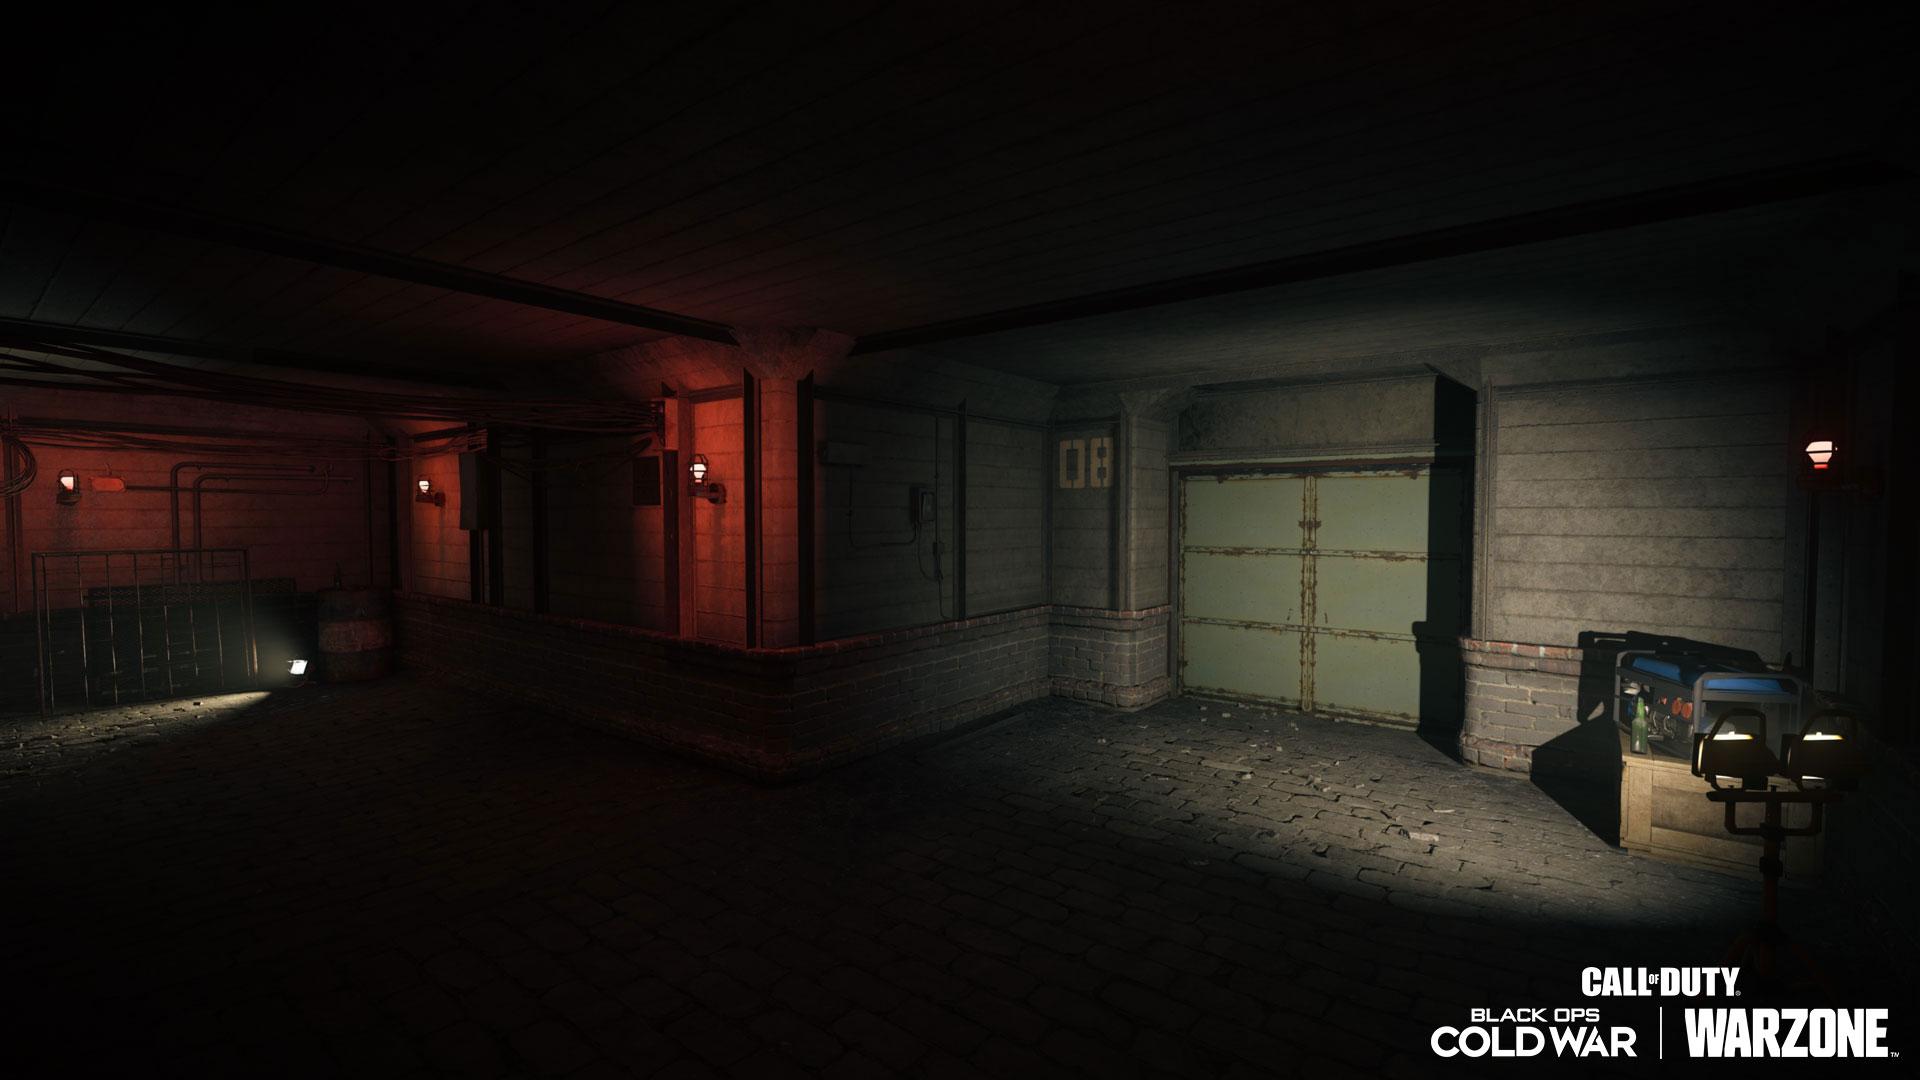 Quiet in the bunker. Almost too quiet...